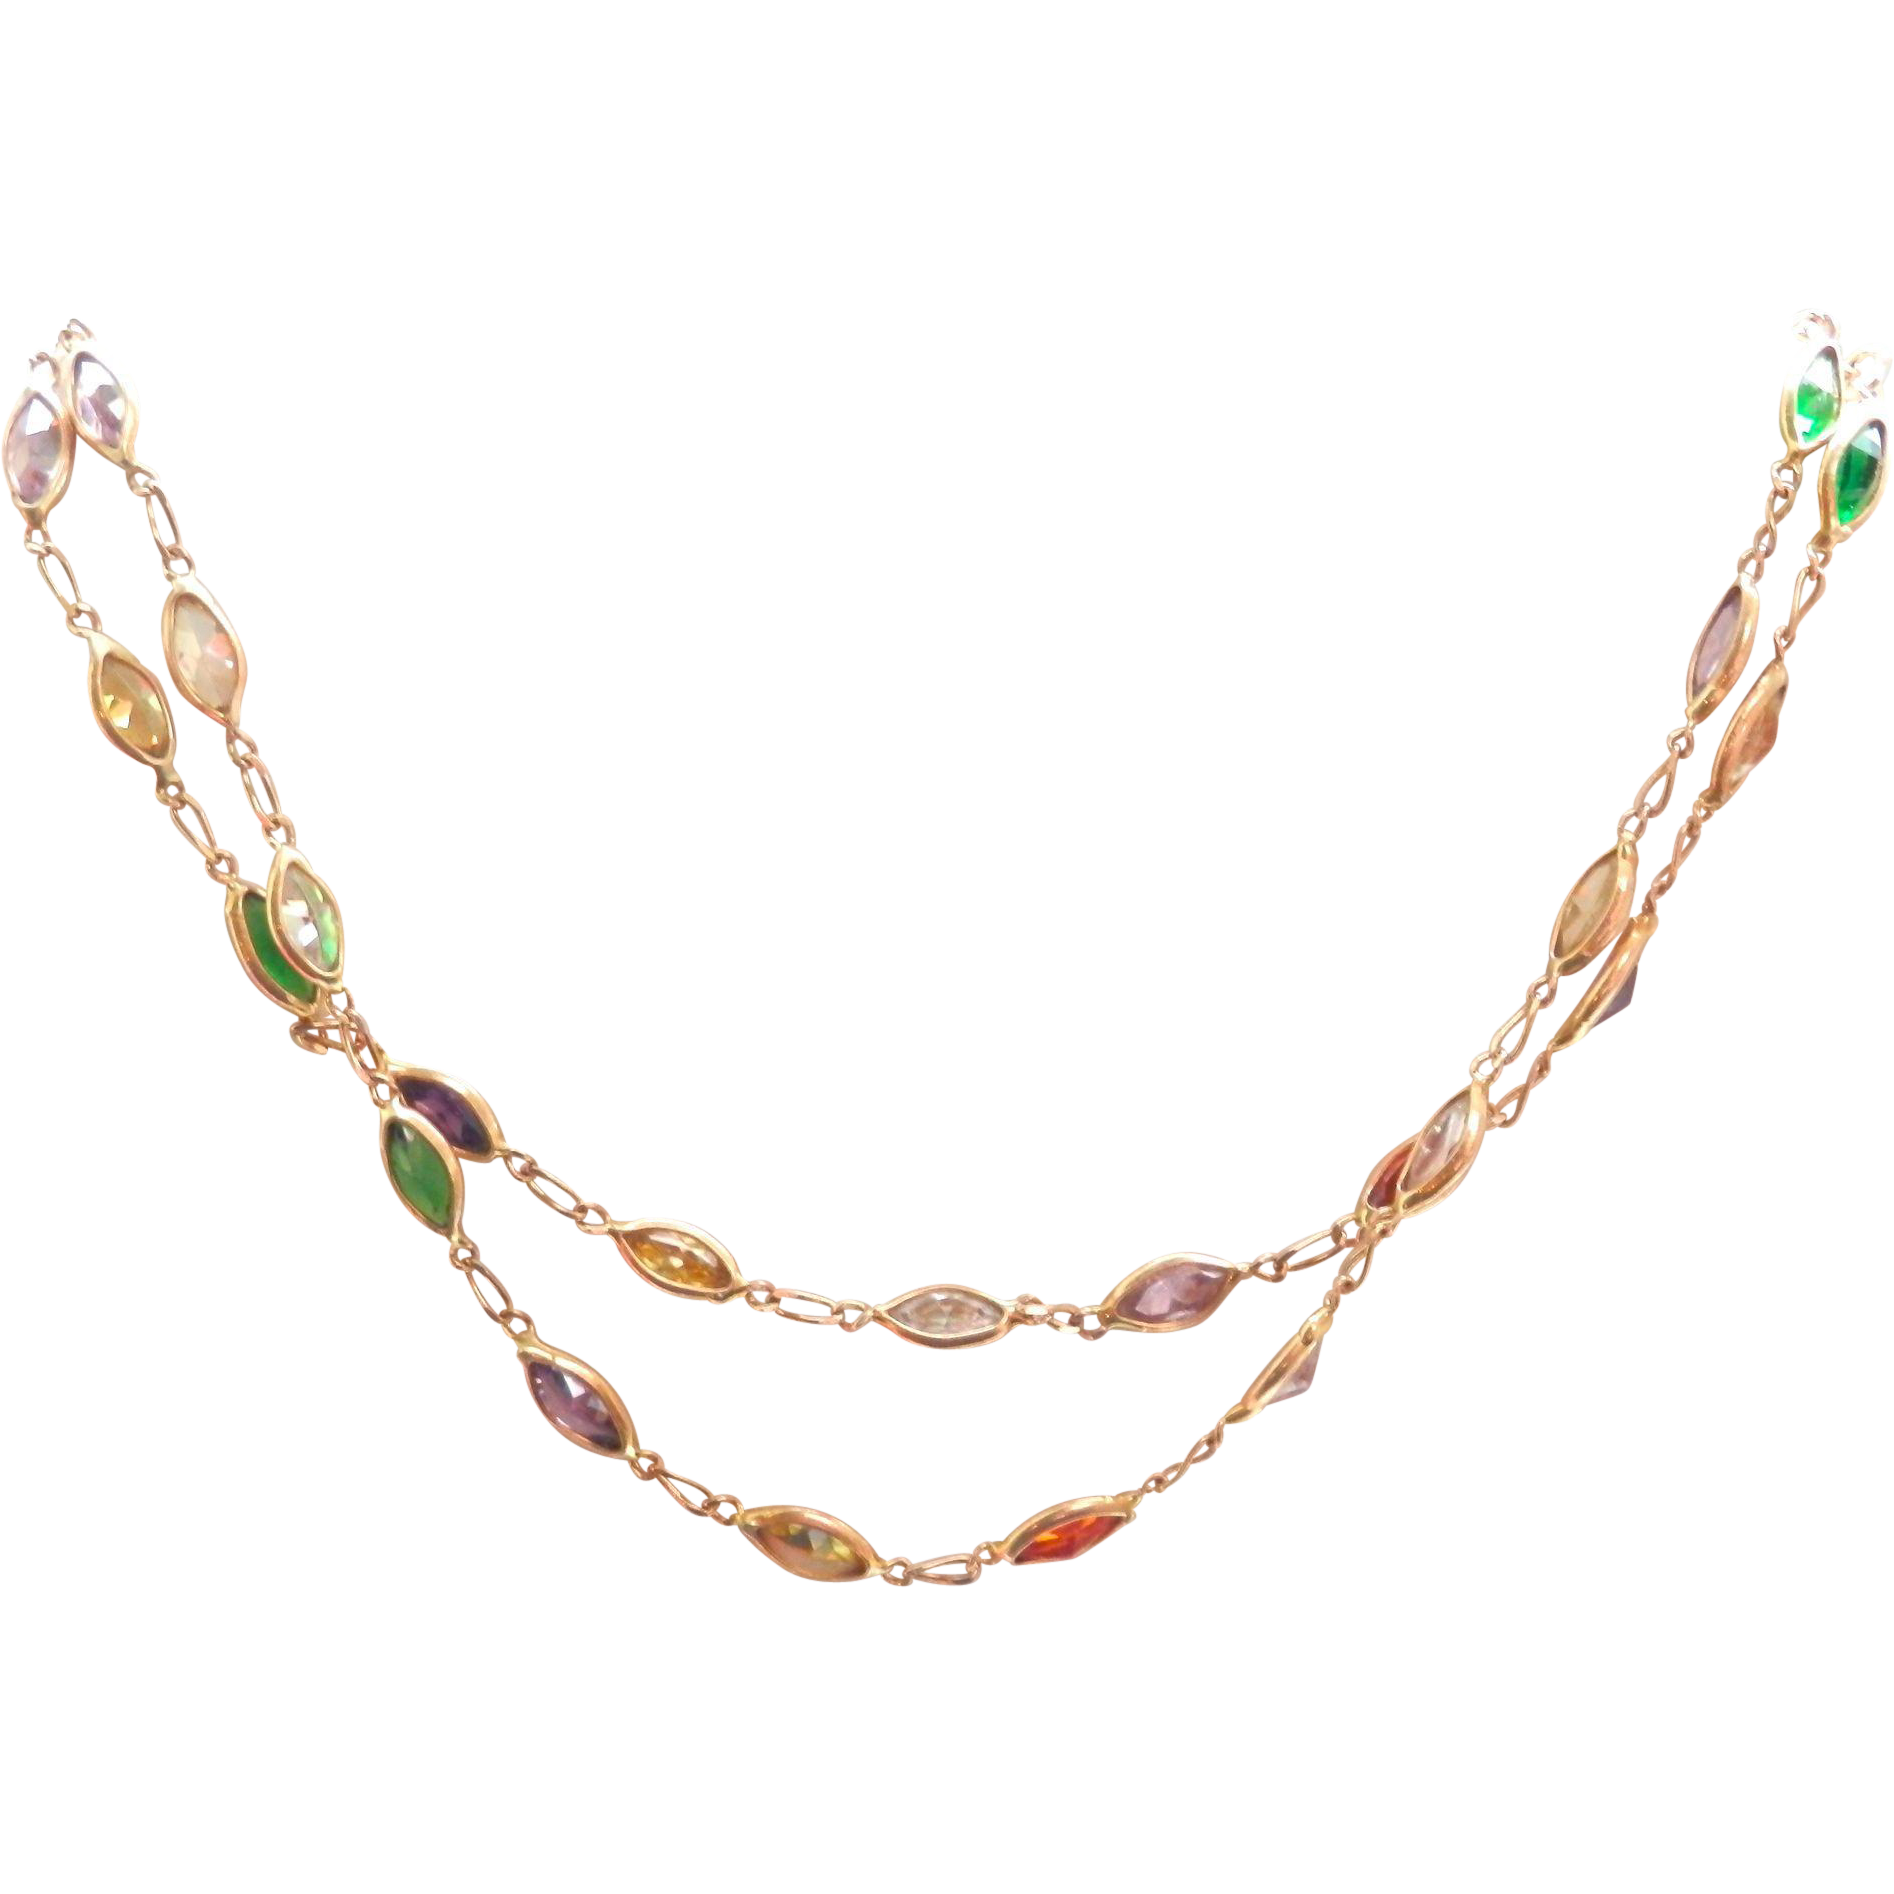 Lovely 14K Y/Gold Multi-Gem Necklace